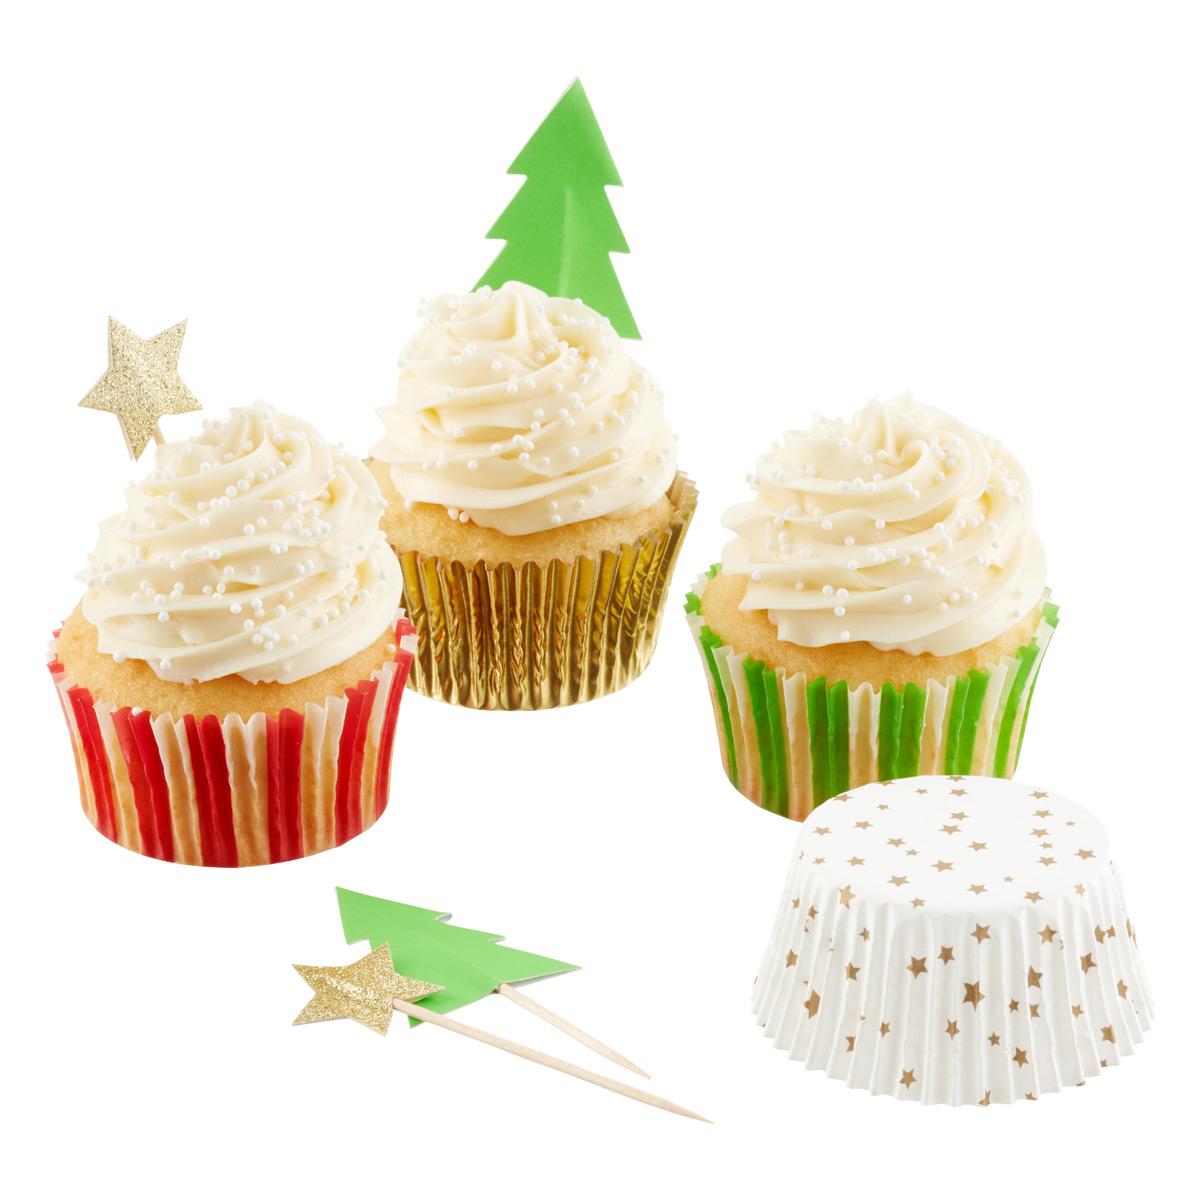 Stars & Trees Cupcake Kit